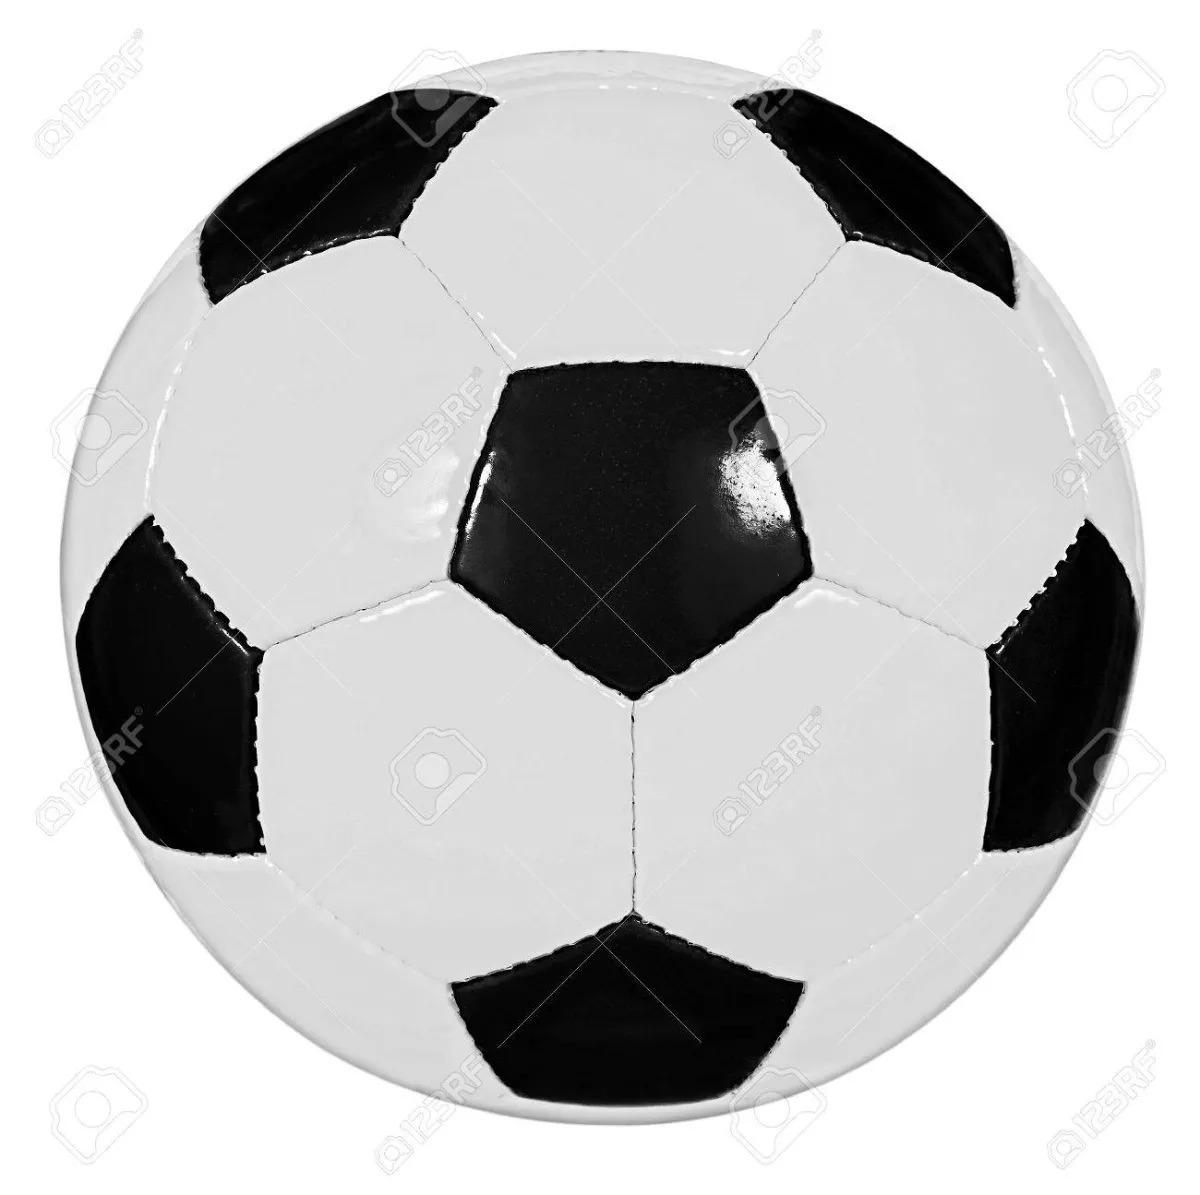 Bola Campo Tradicional - Cor Preto branco Copa Futebol 2018 - R  48 ... 52caf8a608311